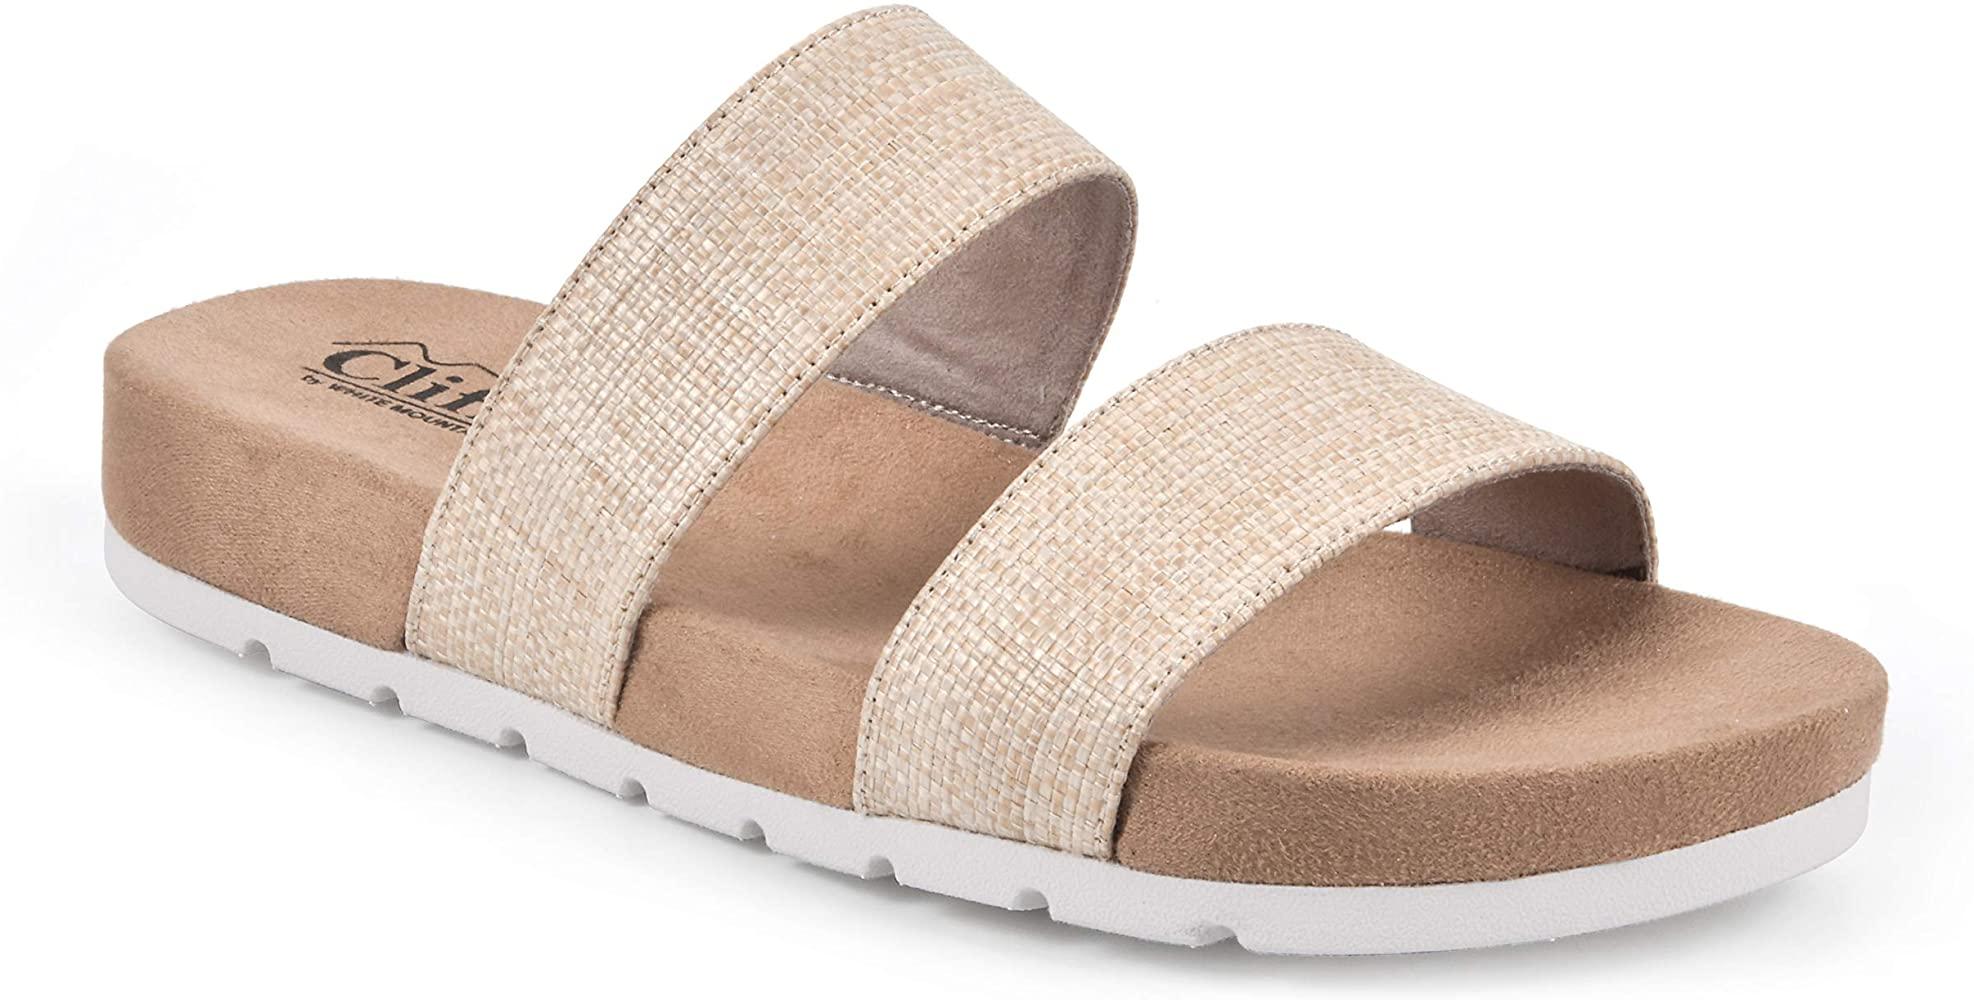 塔利悬崖裸体凉鞋